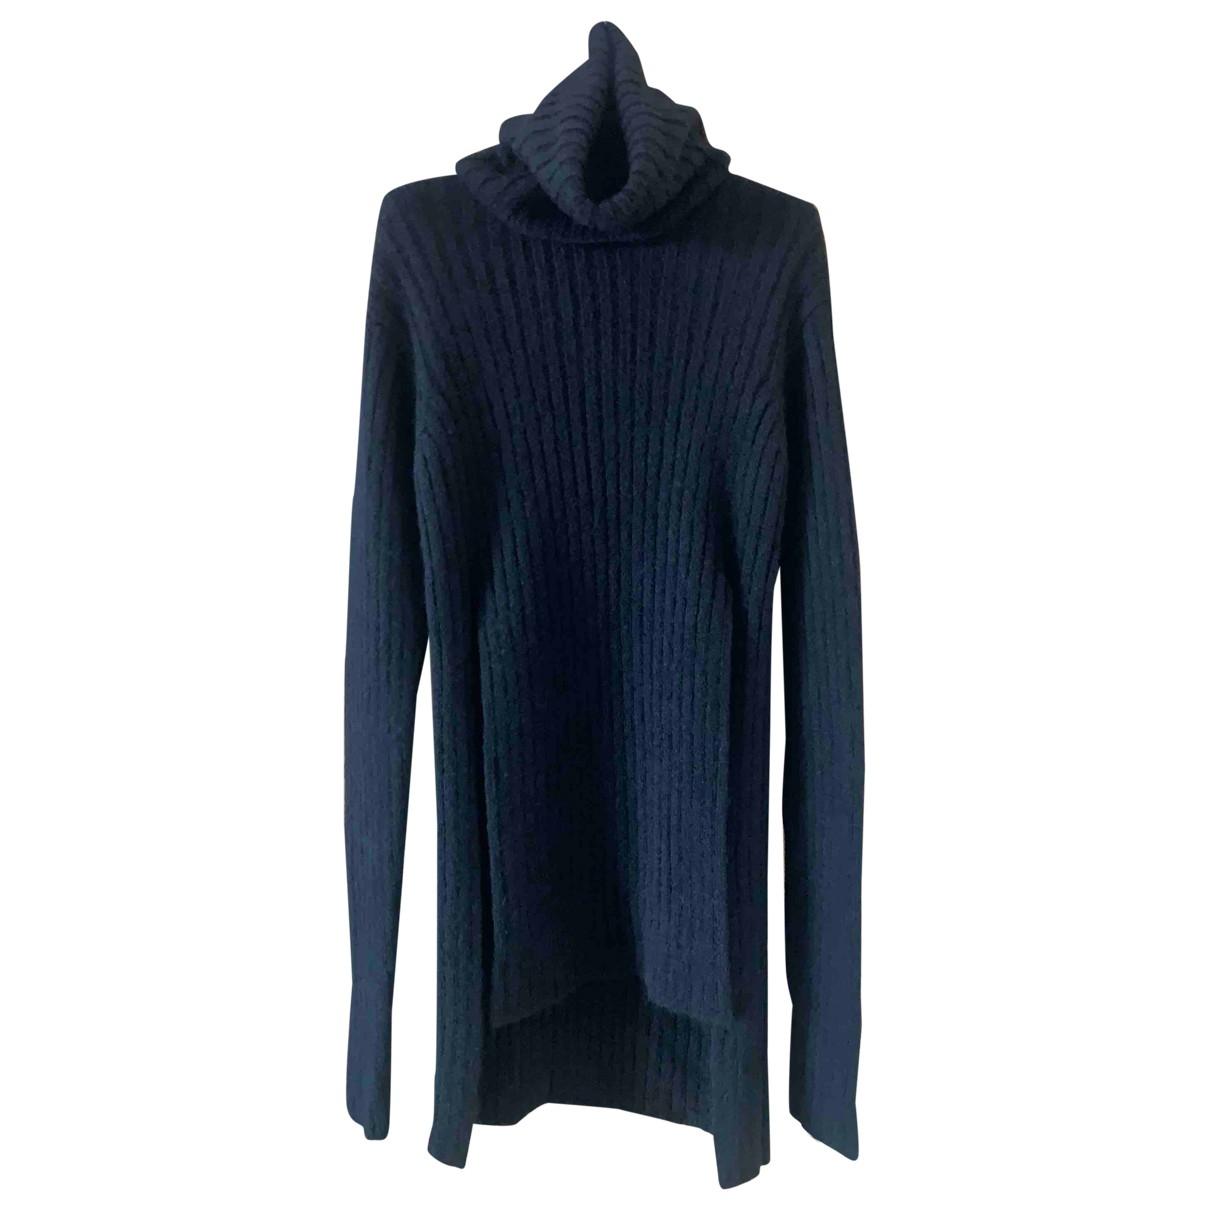 Balmain - Pull   pour femme en laine - noir